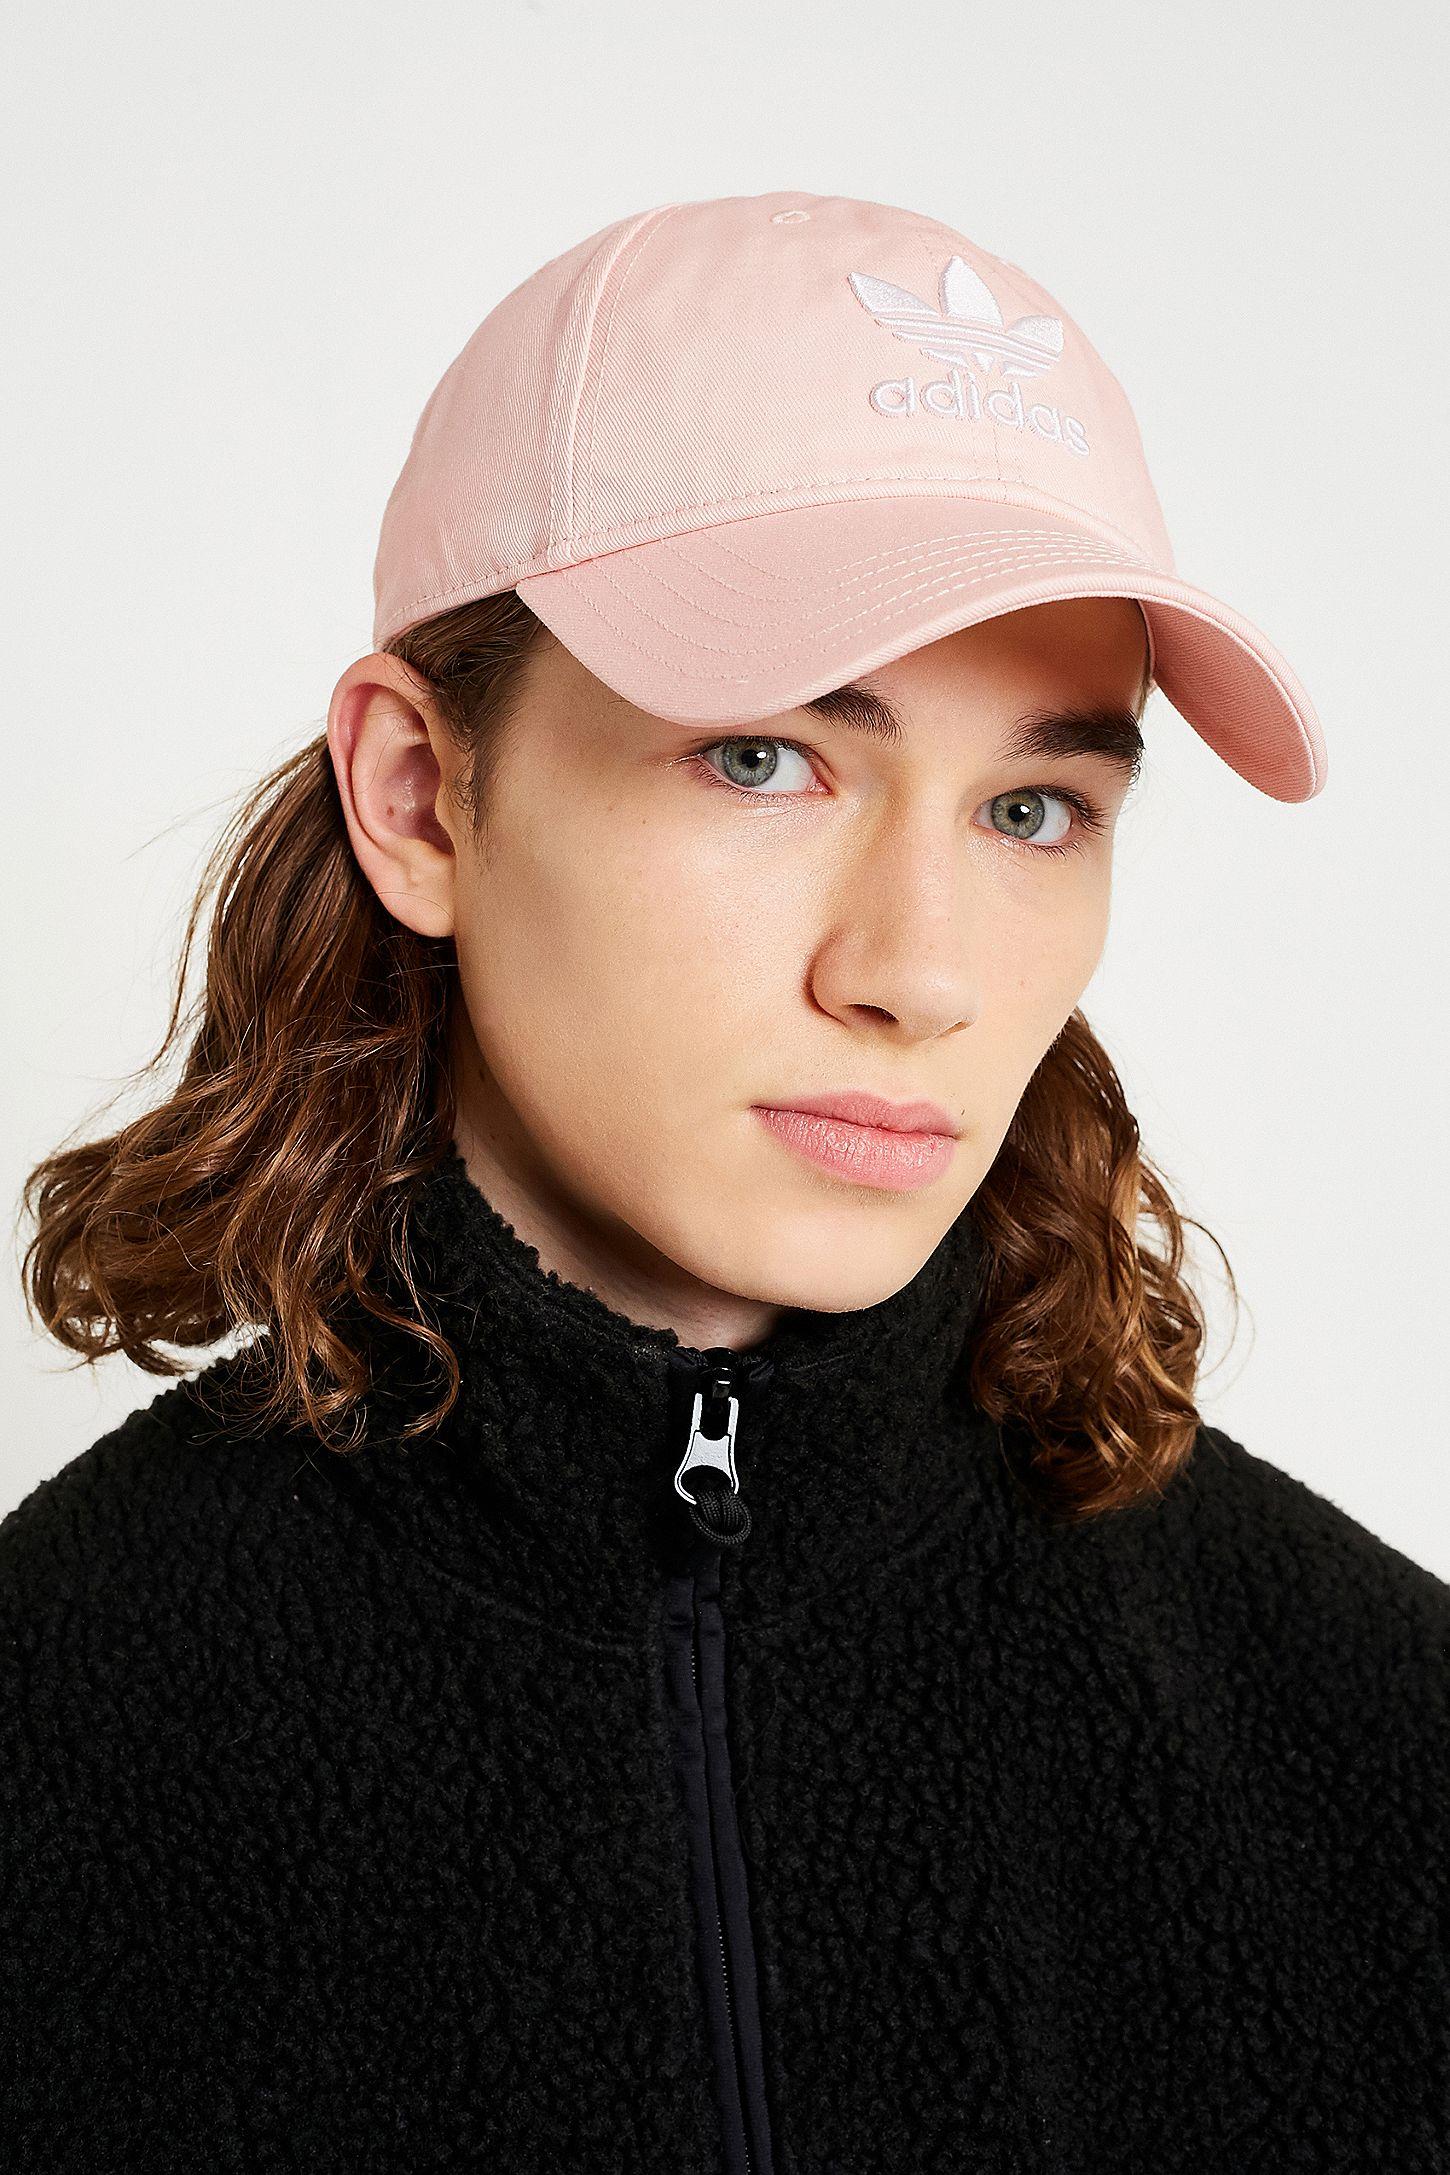 683d8e2f63b adidas Trefoil Pink Dad Cap